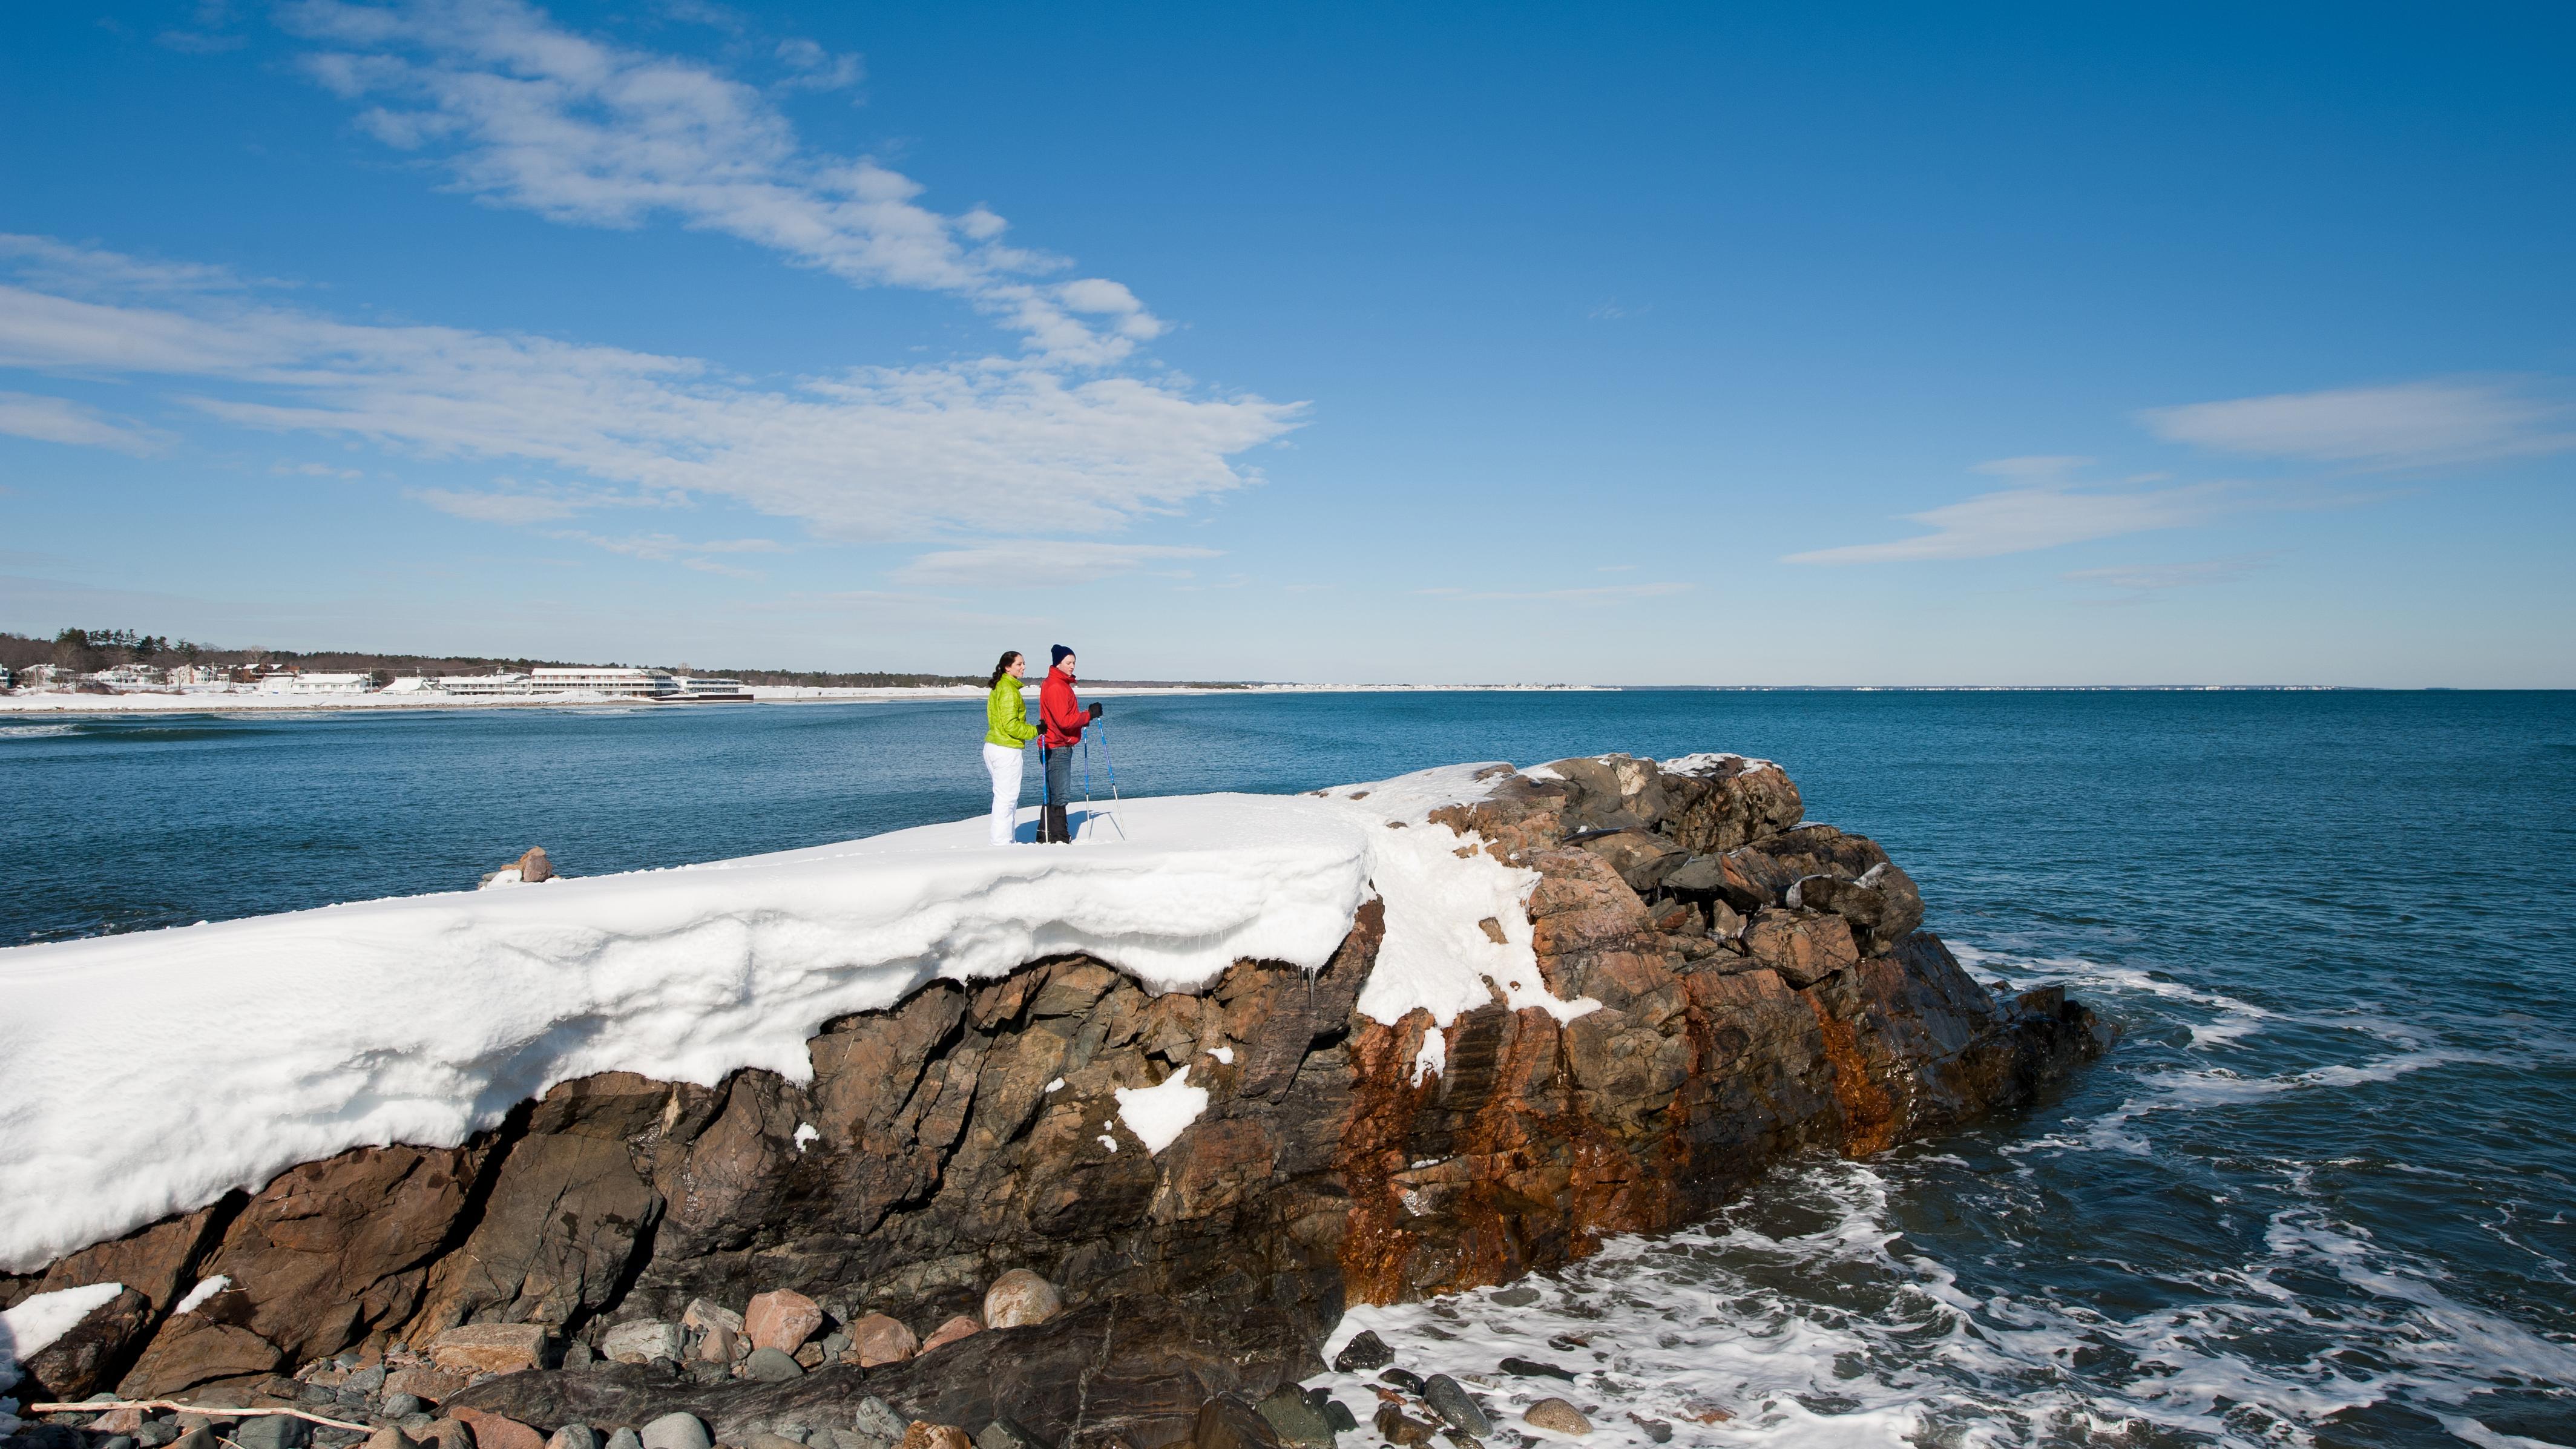 Beach vacation east coast destinations east coast beaches for Winter vacation east coast